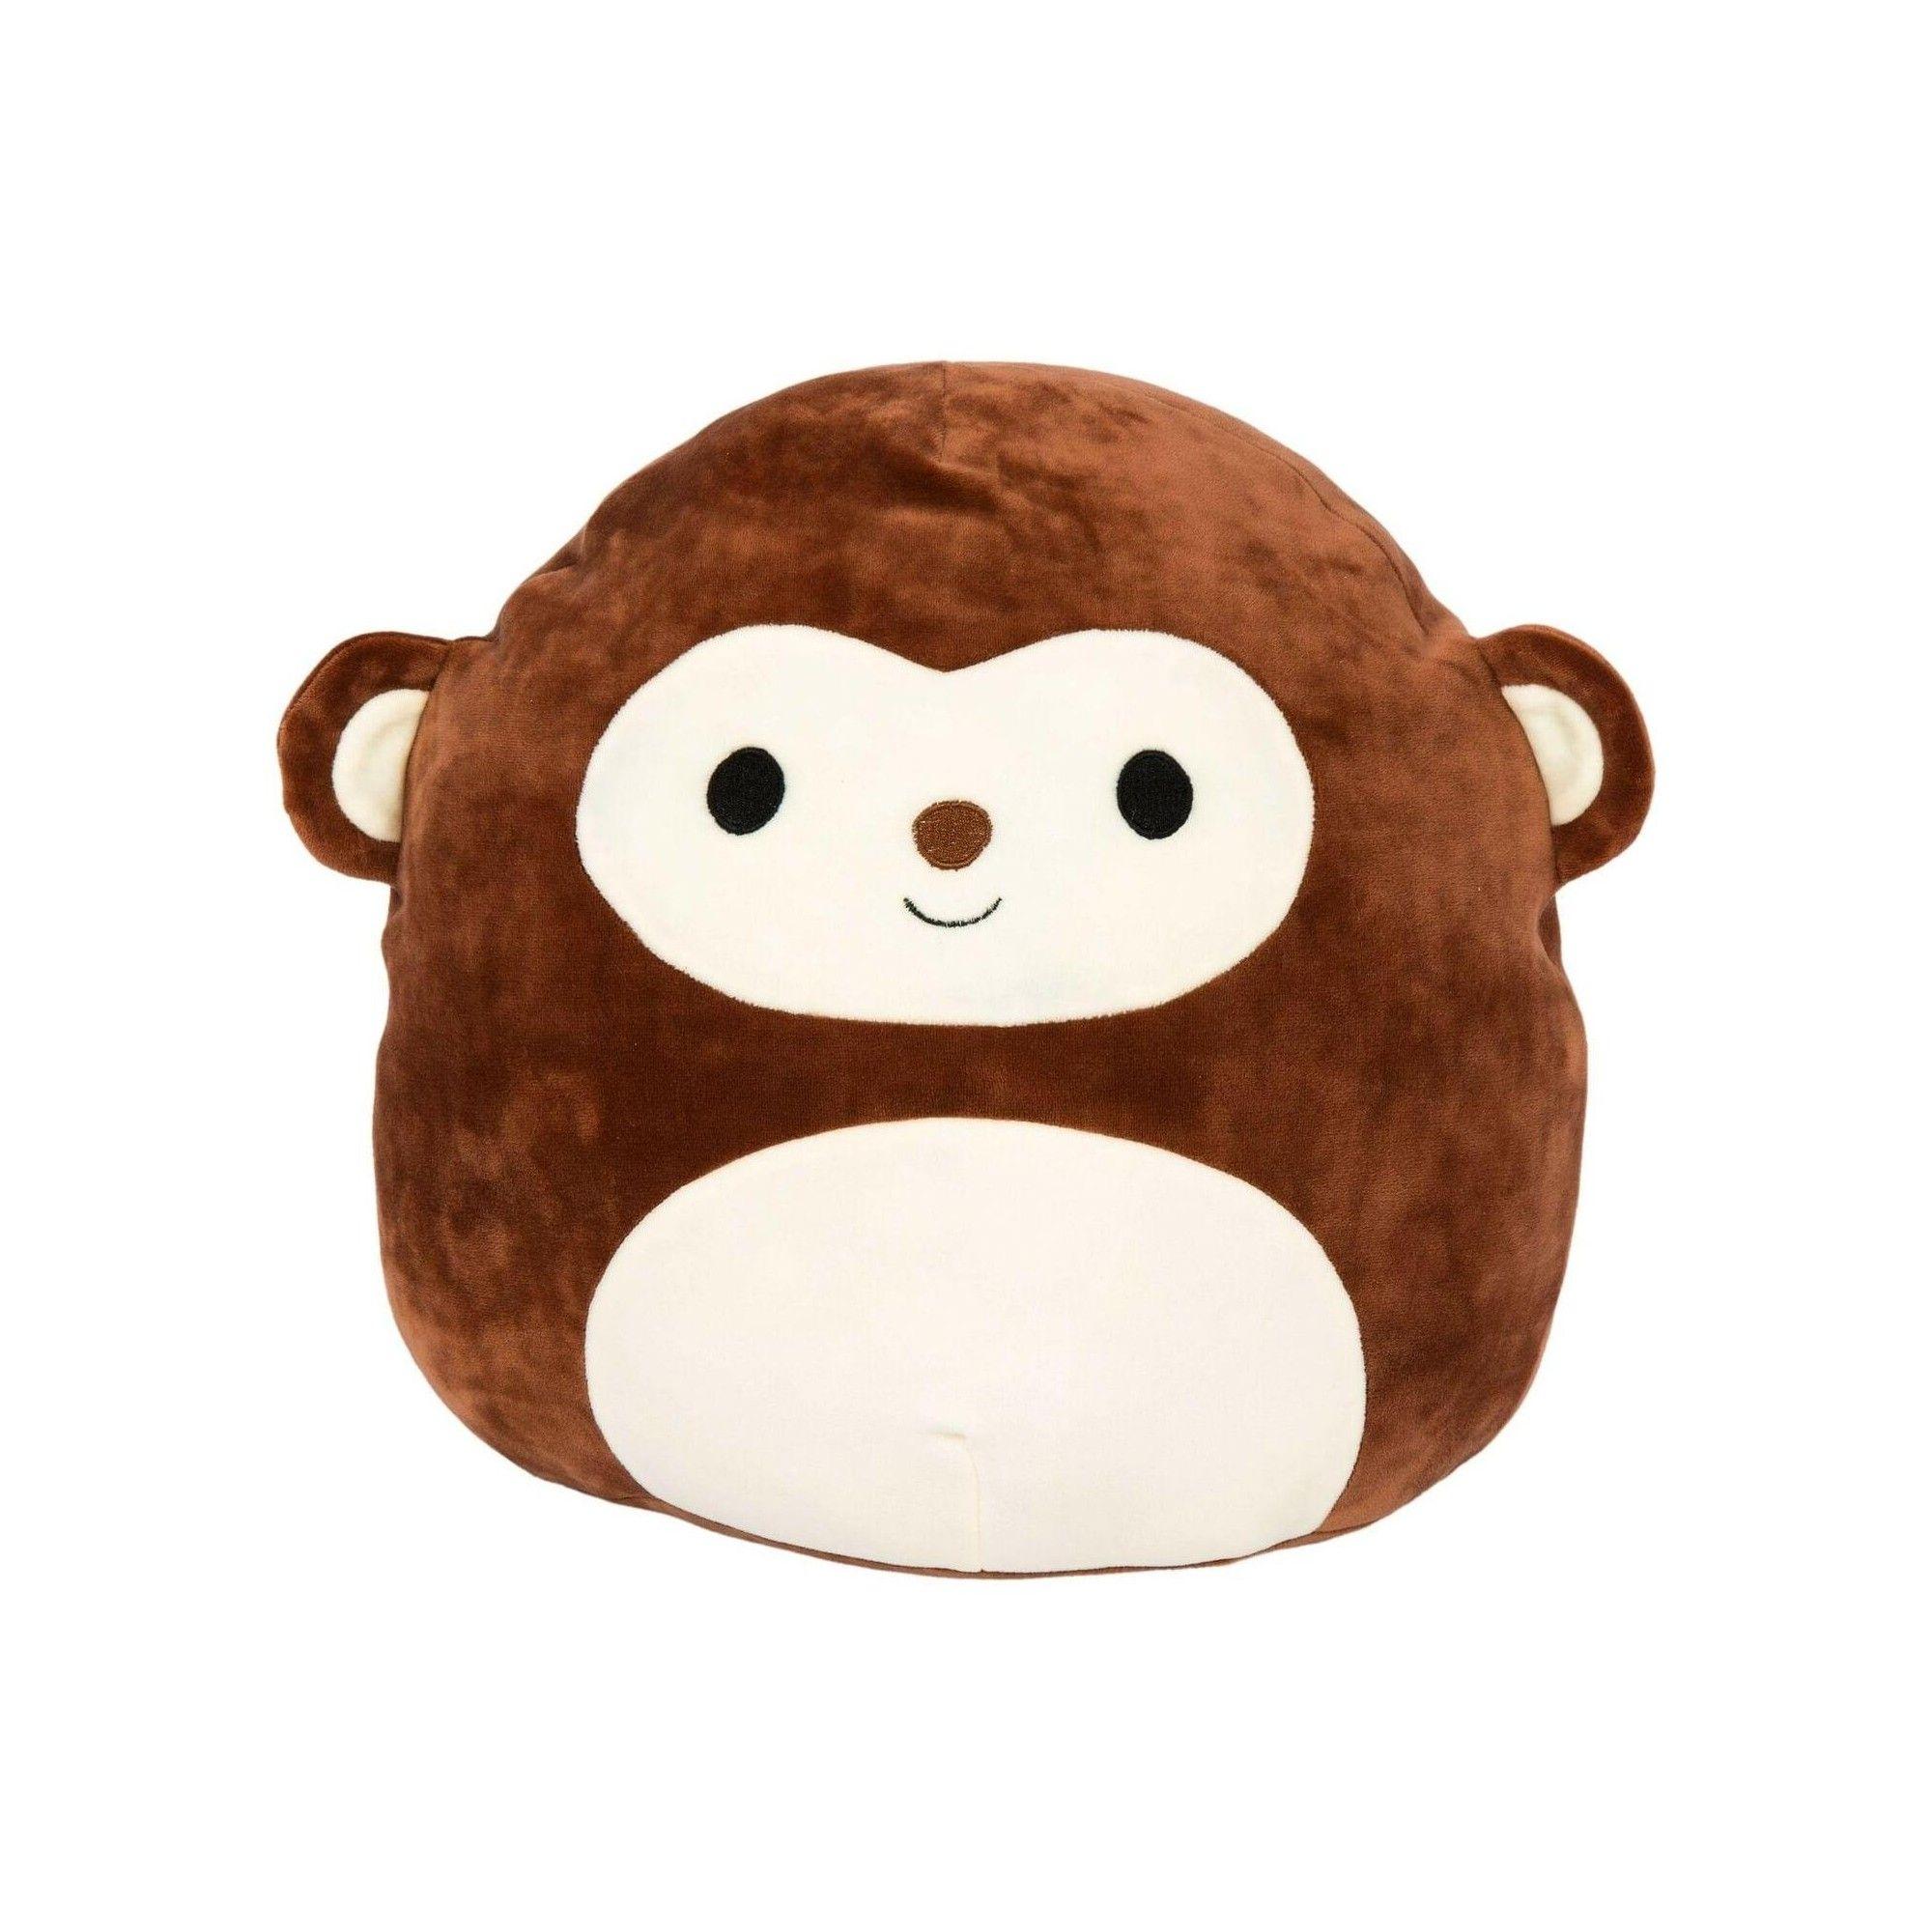 Pin By Sma Stanton On Plush In 2020 Monkey Plush Animal Pillows Animal Plush Toys